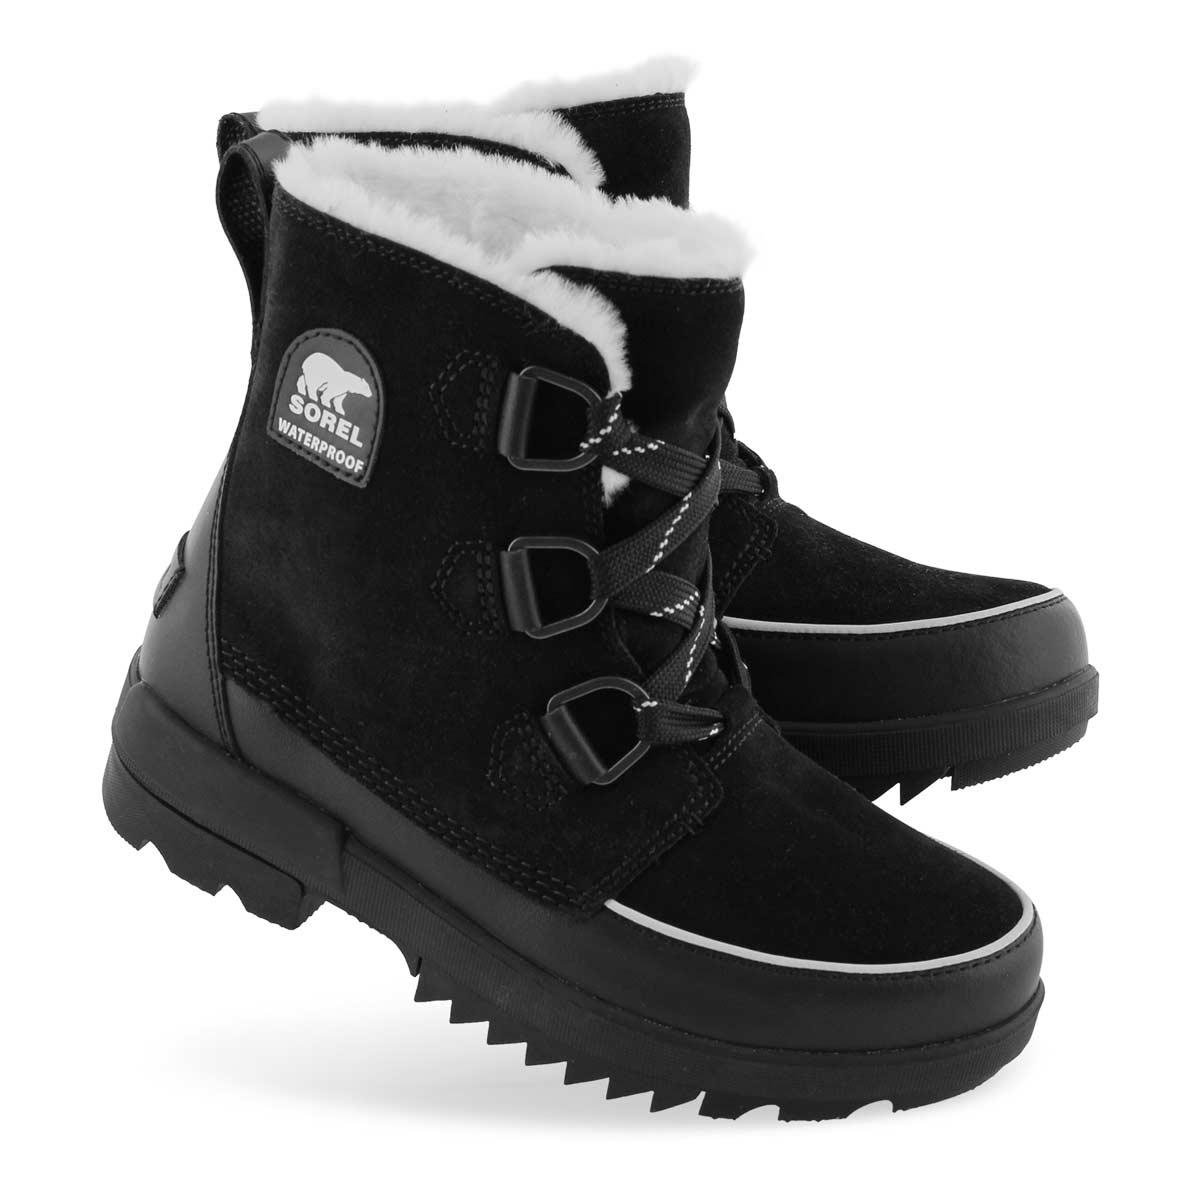 Lds Tivoli IV black wtpf boot